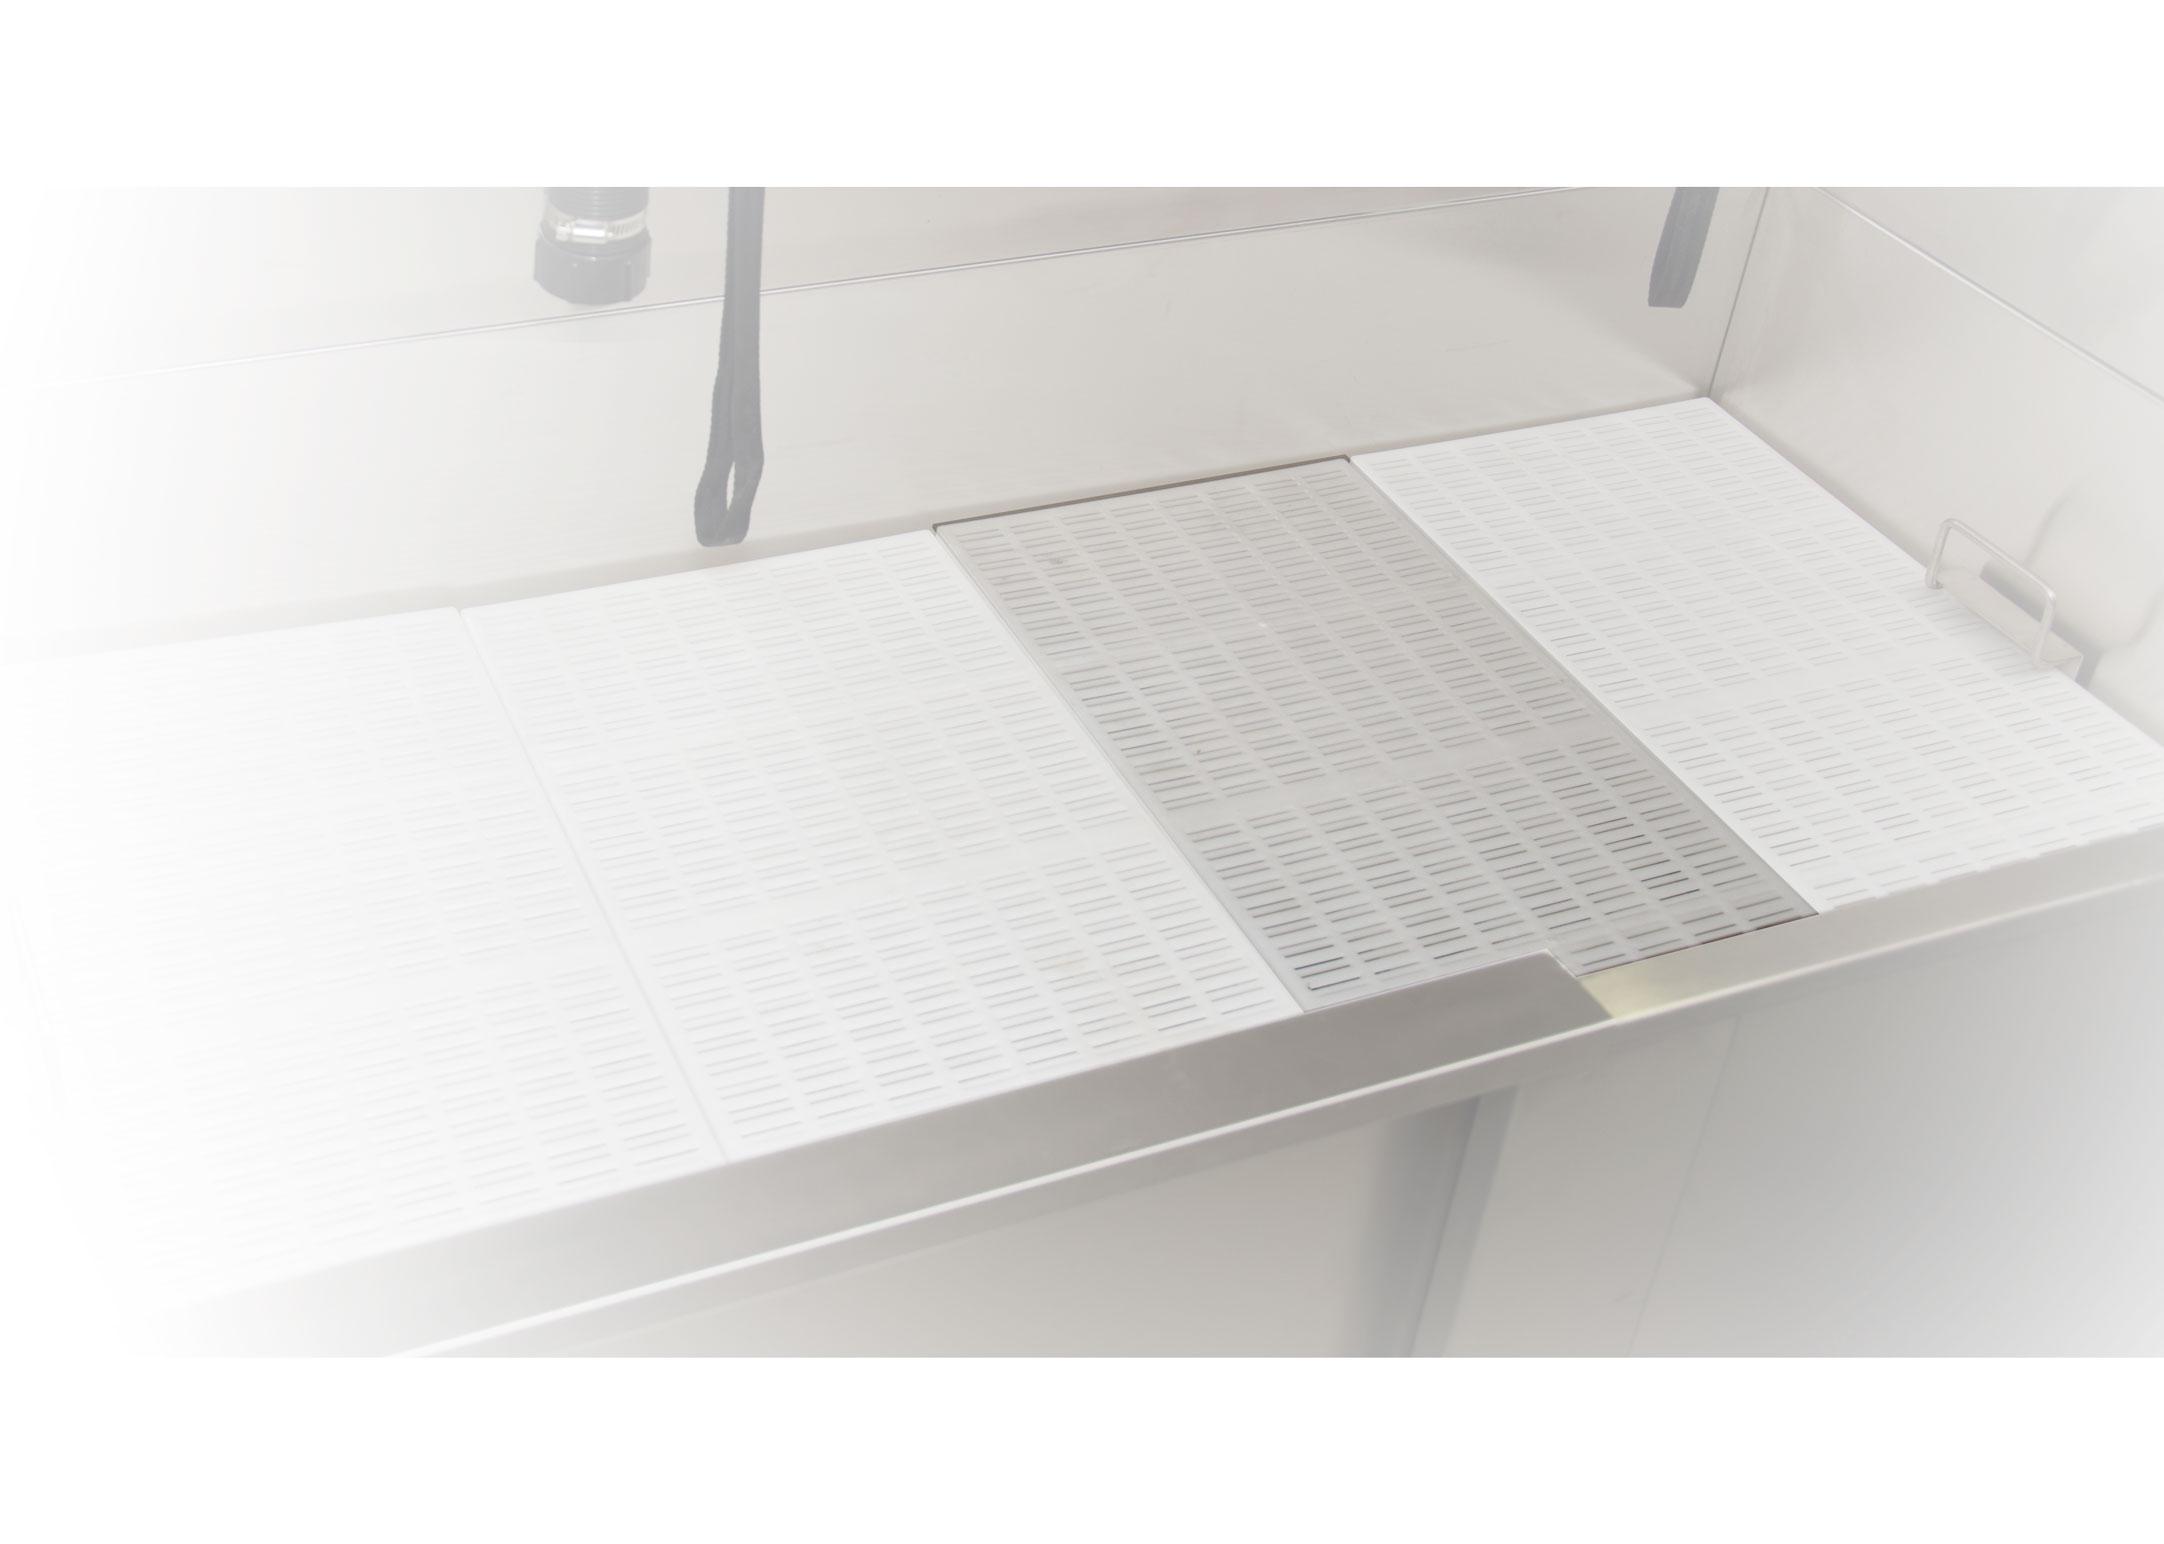 Groom-X Grille de bain PVC 30cm x 60cm Accessoires de baignoire